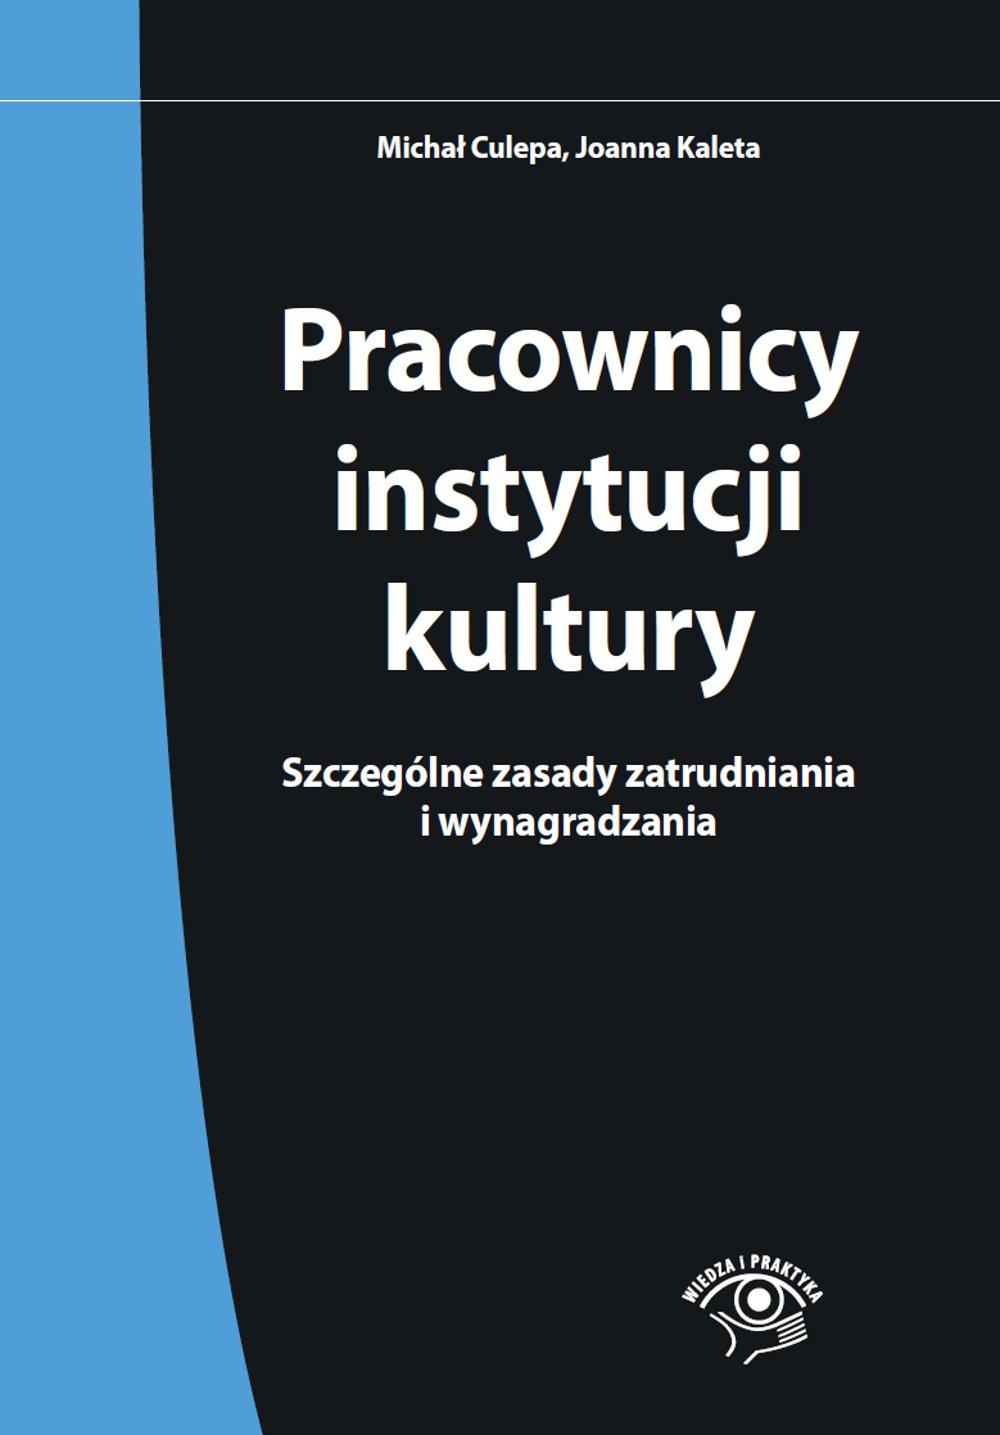 Pracownicy instytucji kultury. Szczególne zasady zatrudniania i wynagradzania - Ebook (Książka EPUB) do pobrania w formacie EPUB